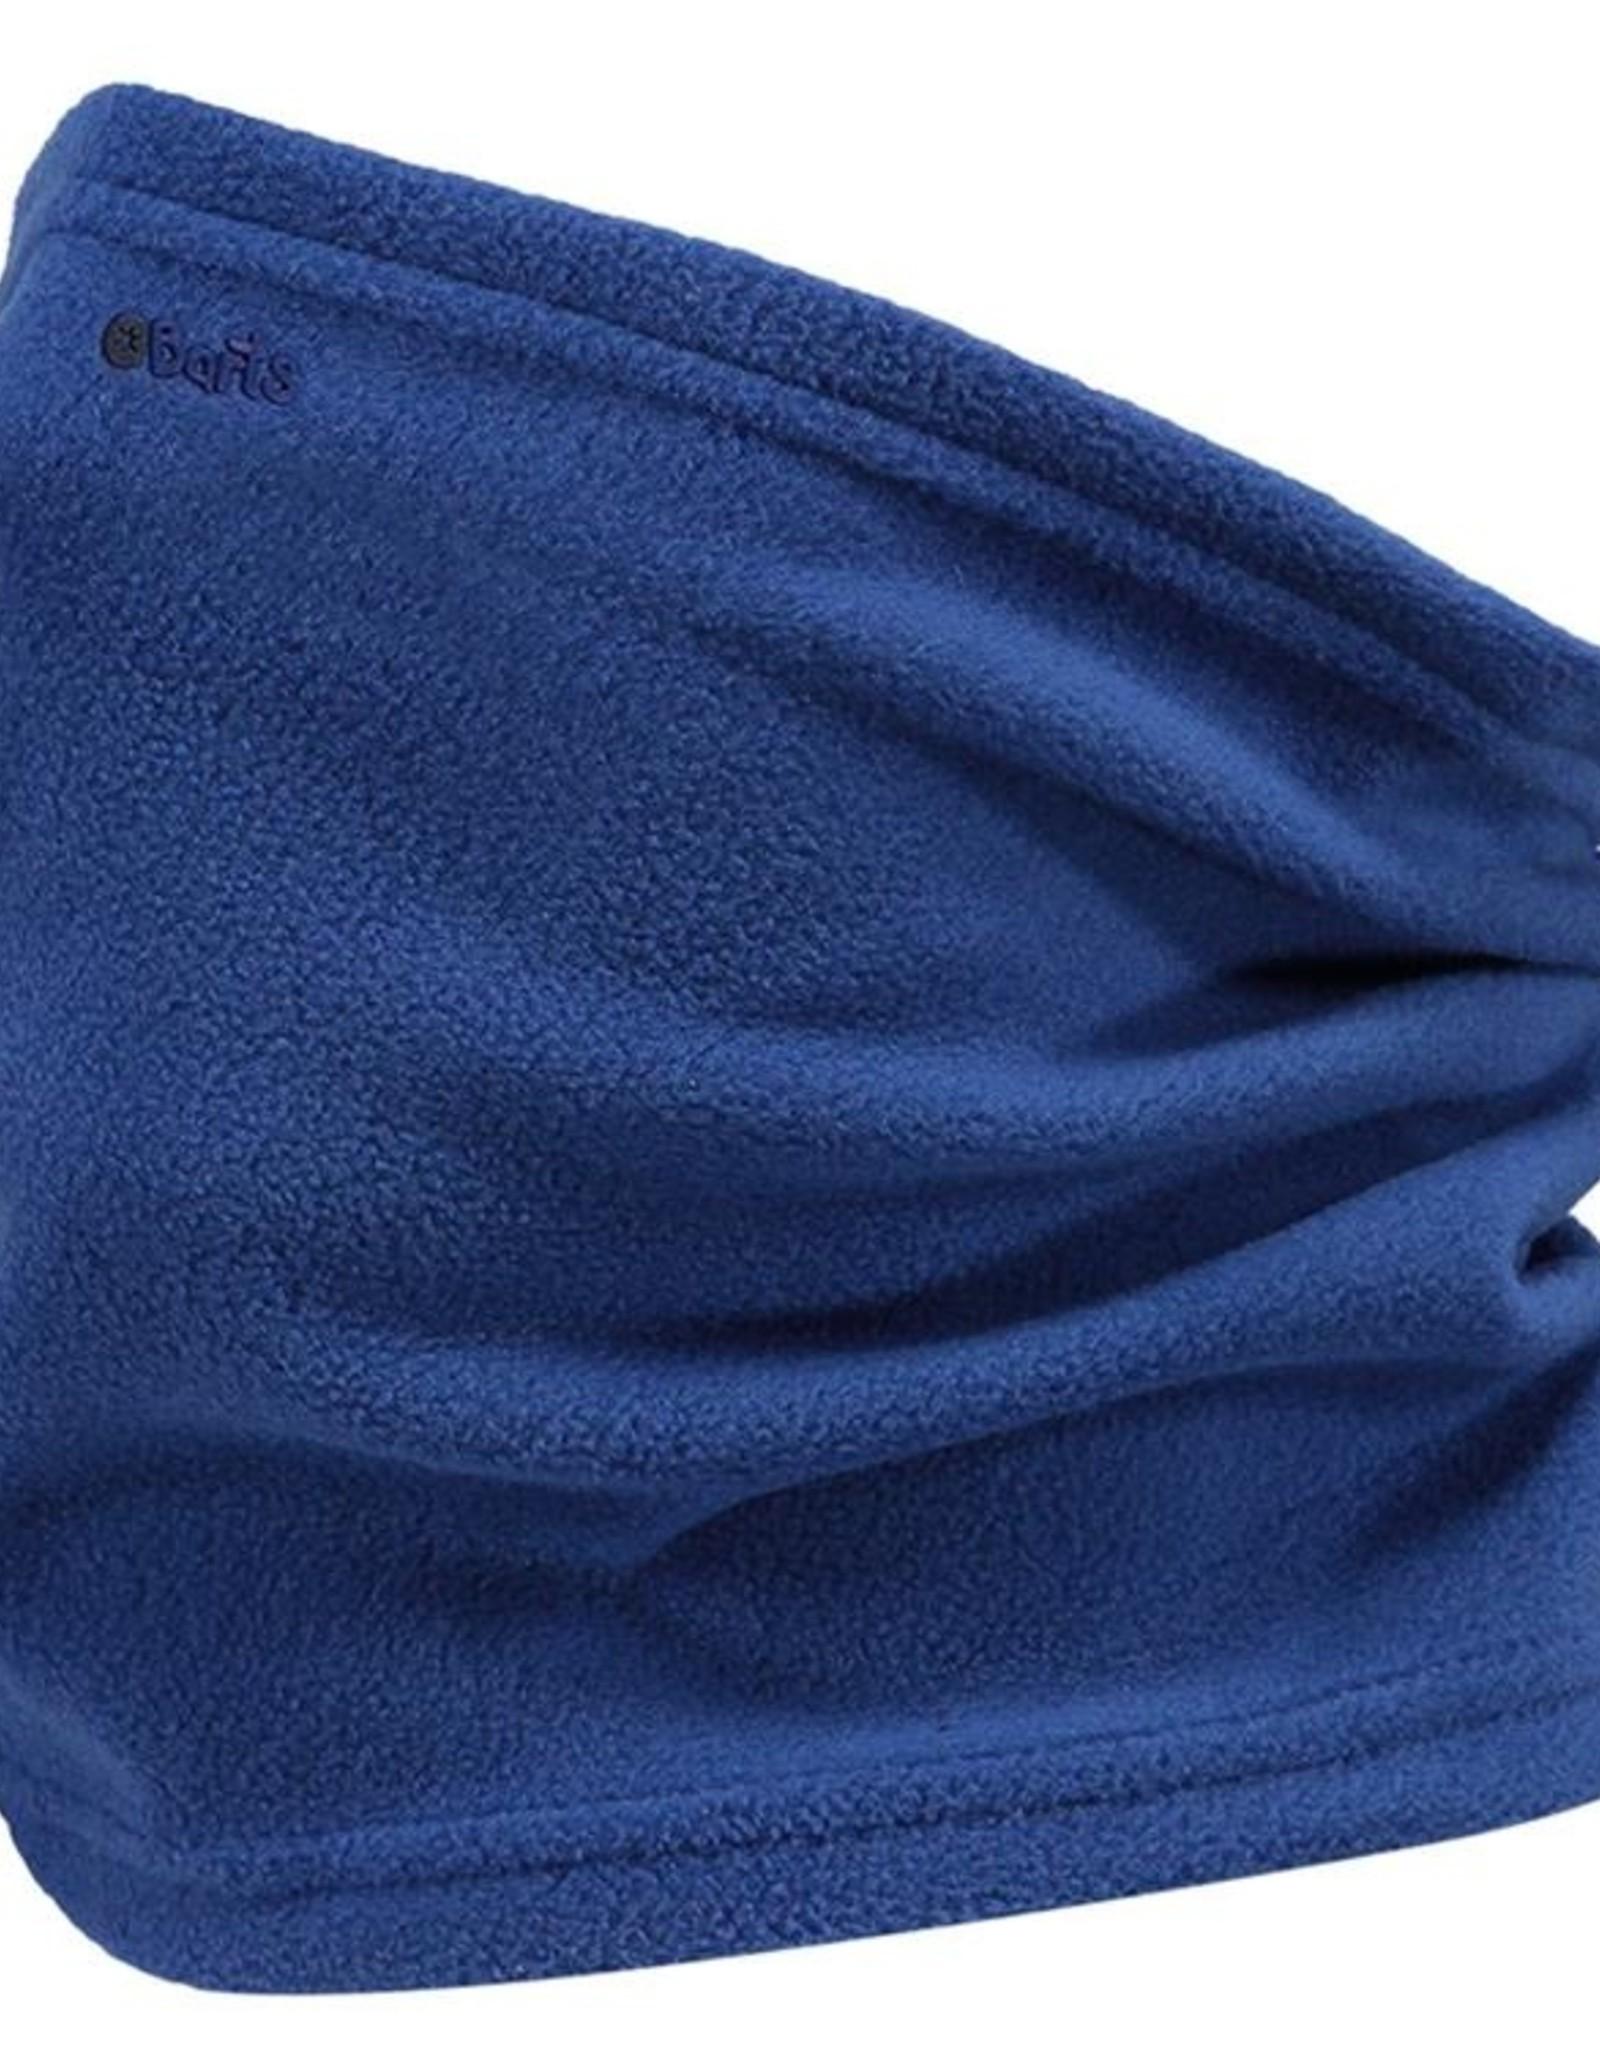 Barts Barts fleece col sjaaltje felblauw